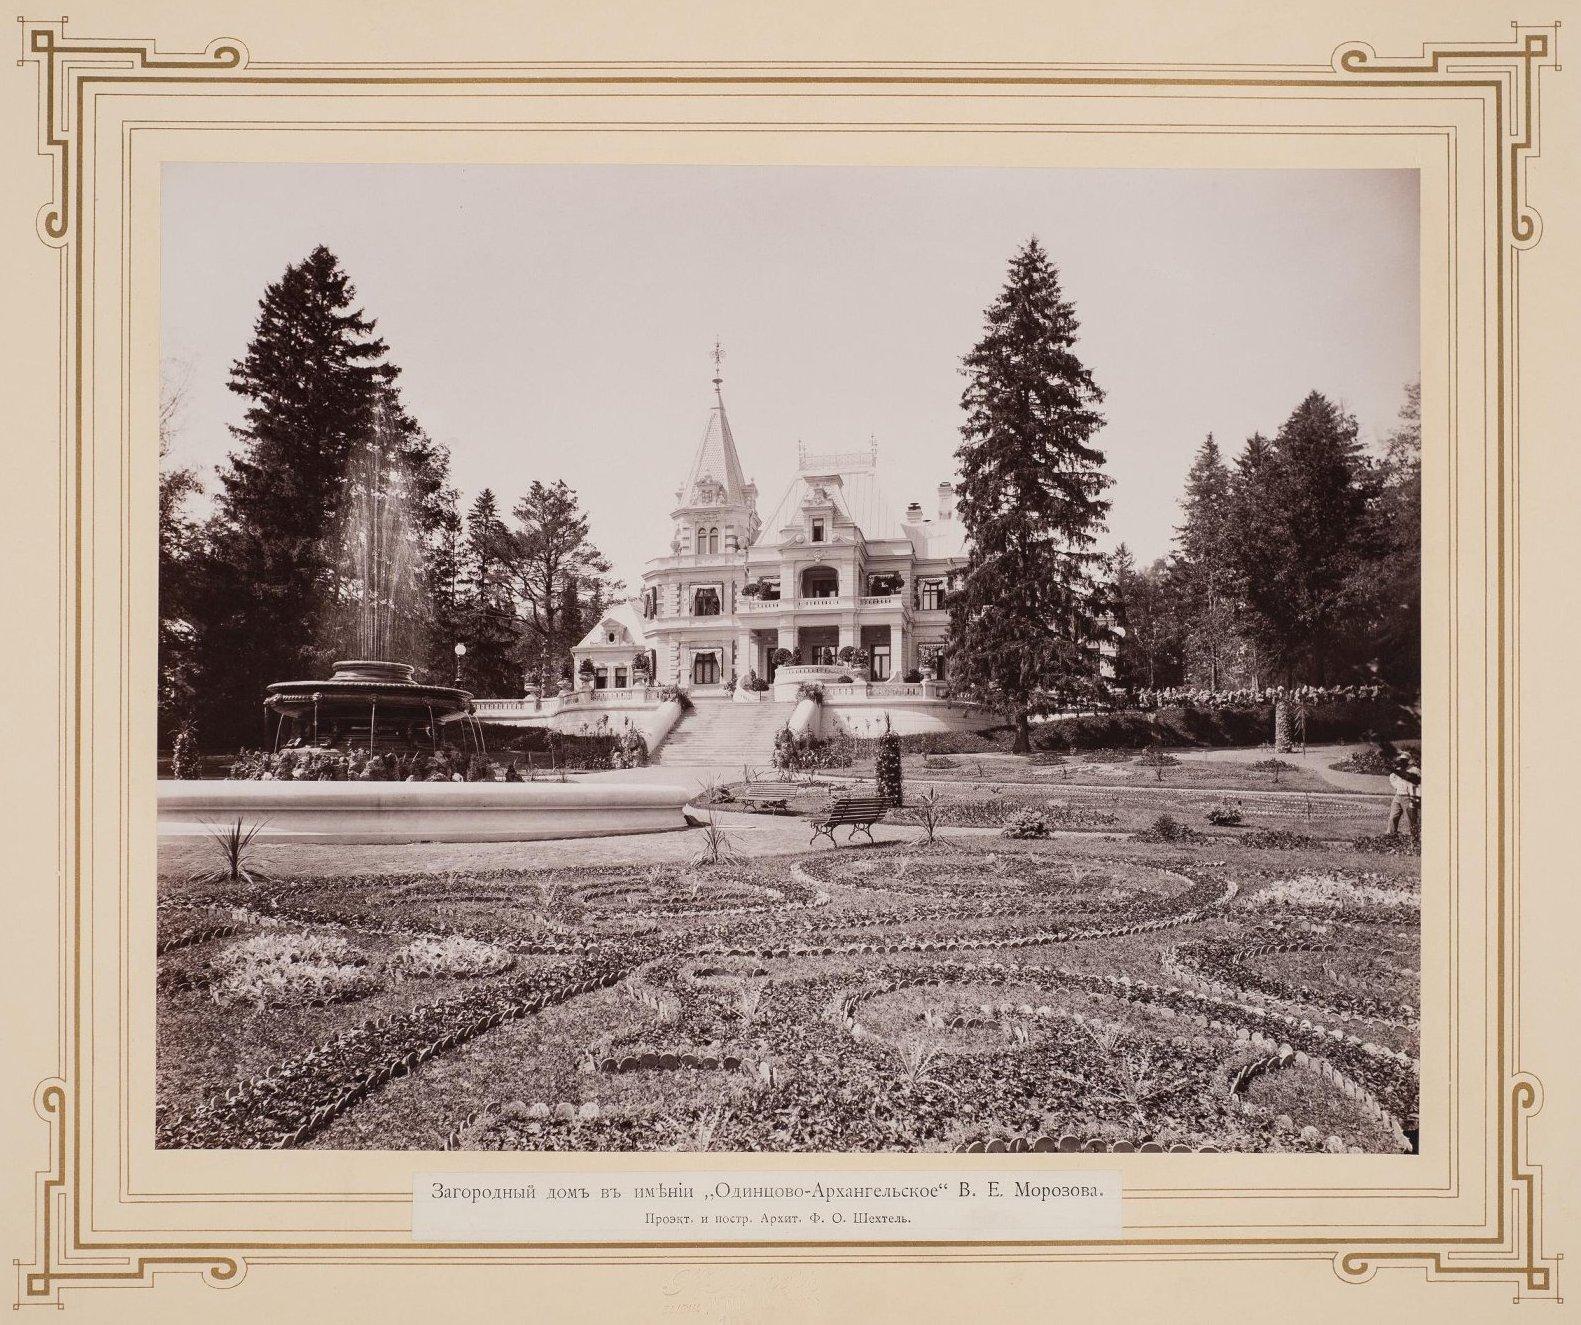 1894. Усадьба Одинцово-Архангельское. Вид дома со стороны партера